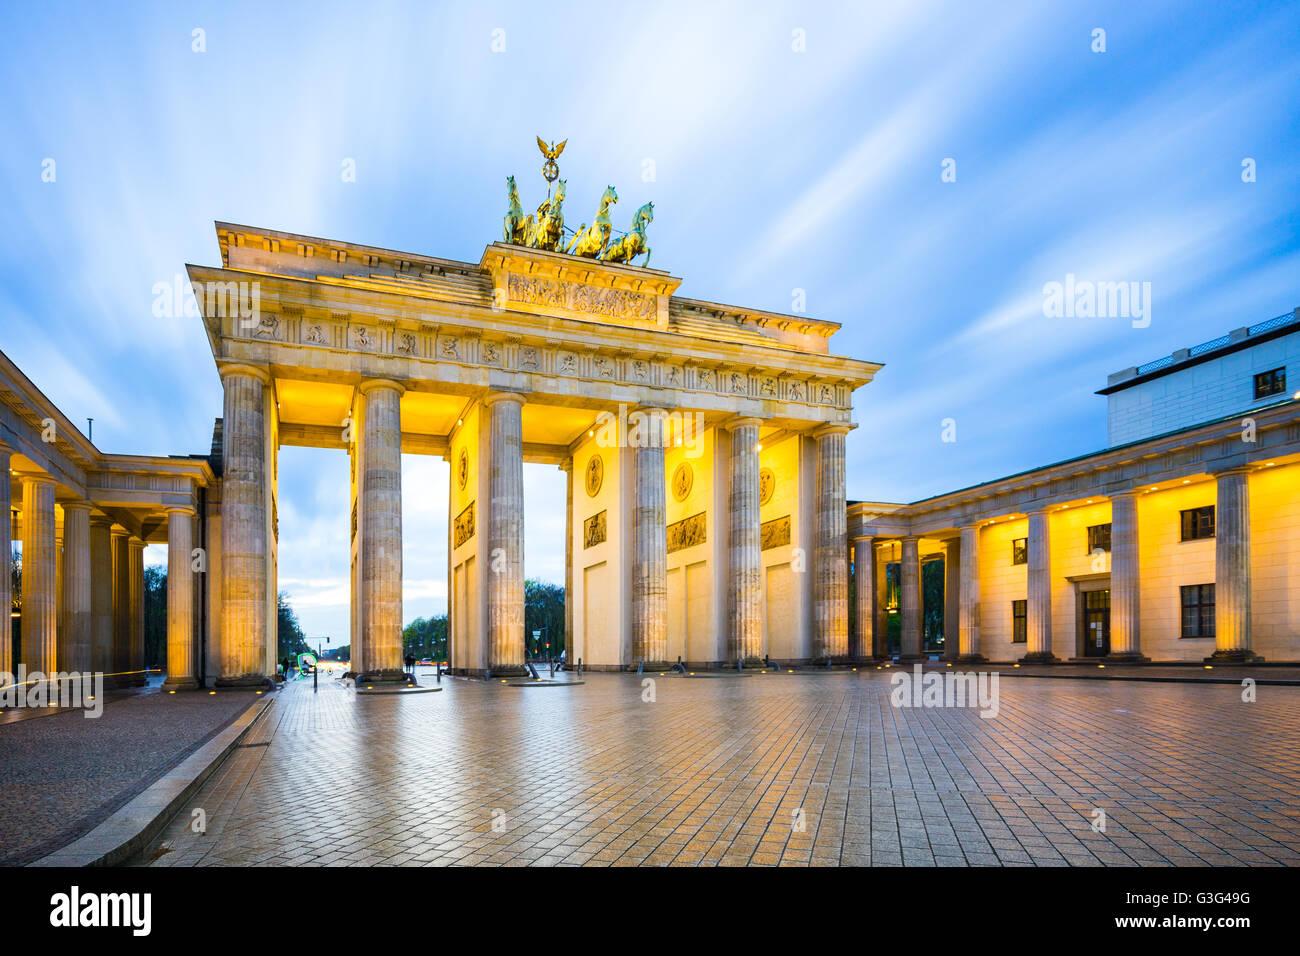 La notte presso la Porta di Brandeburgo a Berlino, Germania. Immagini Stock